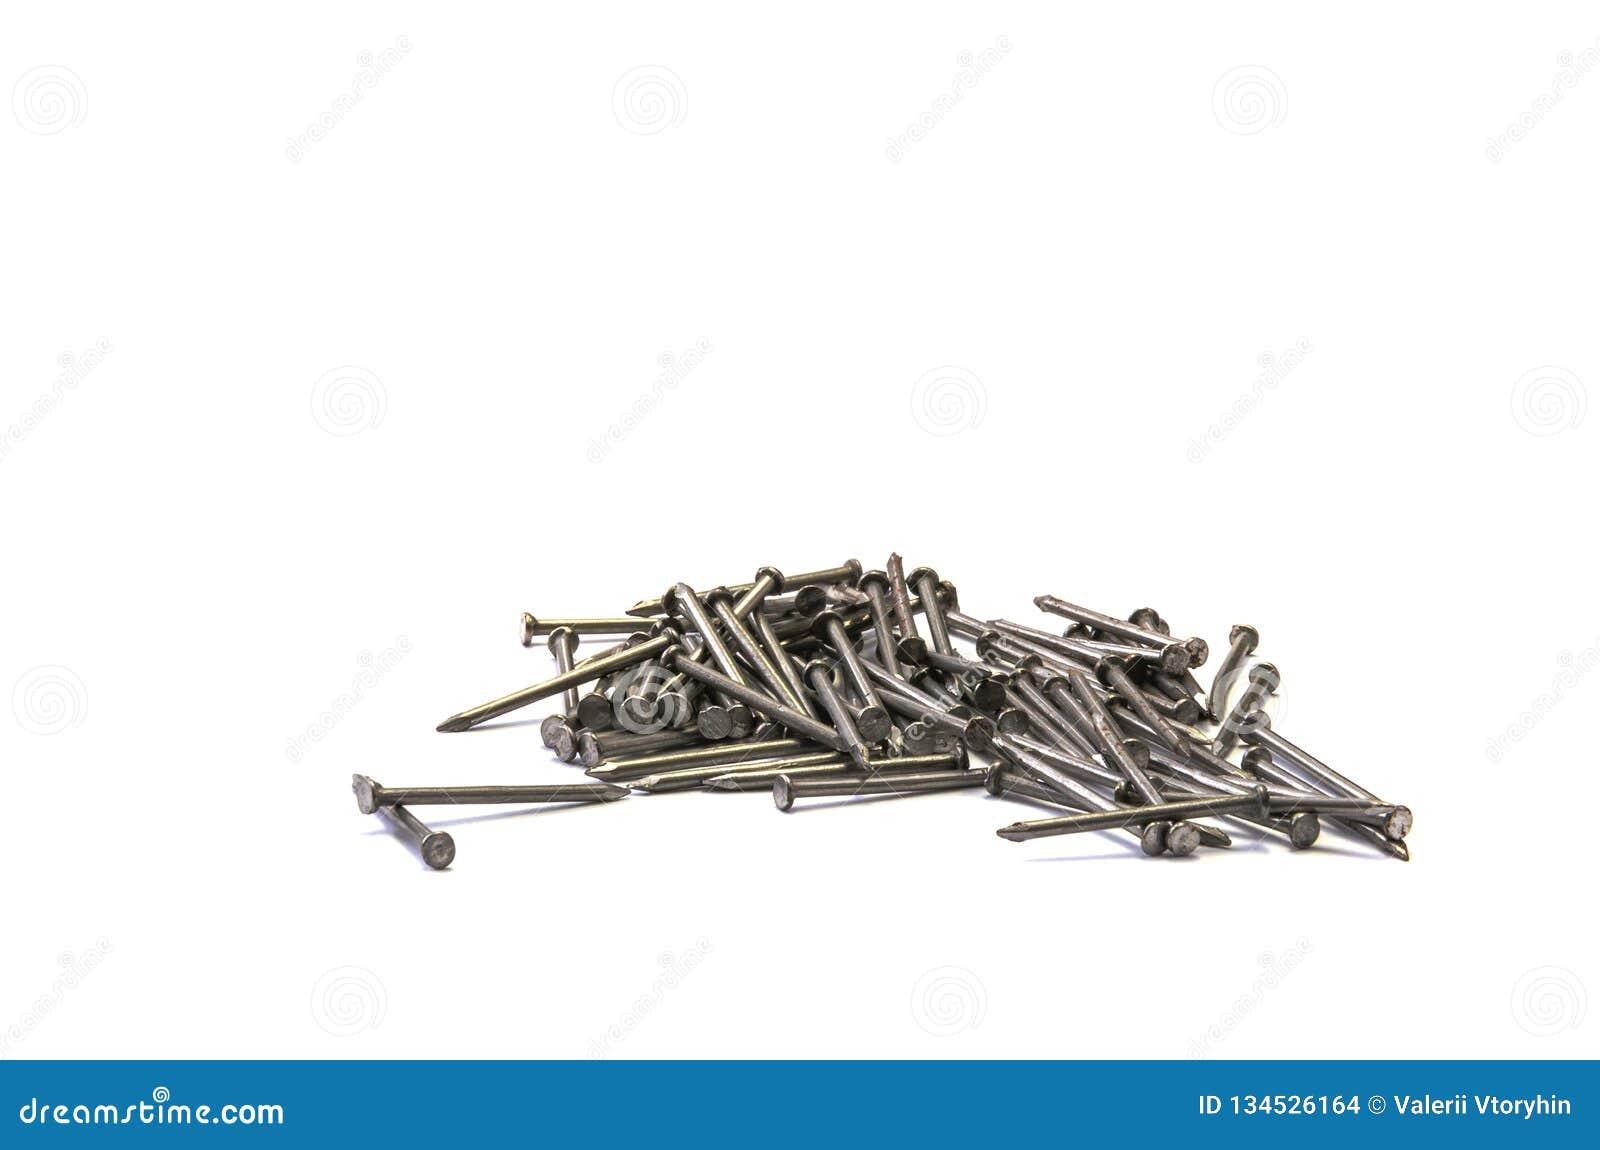 Nägel und Schrauben an einem weißen Hintergrund